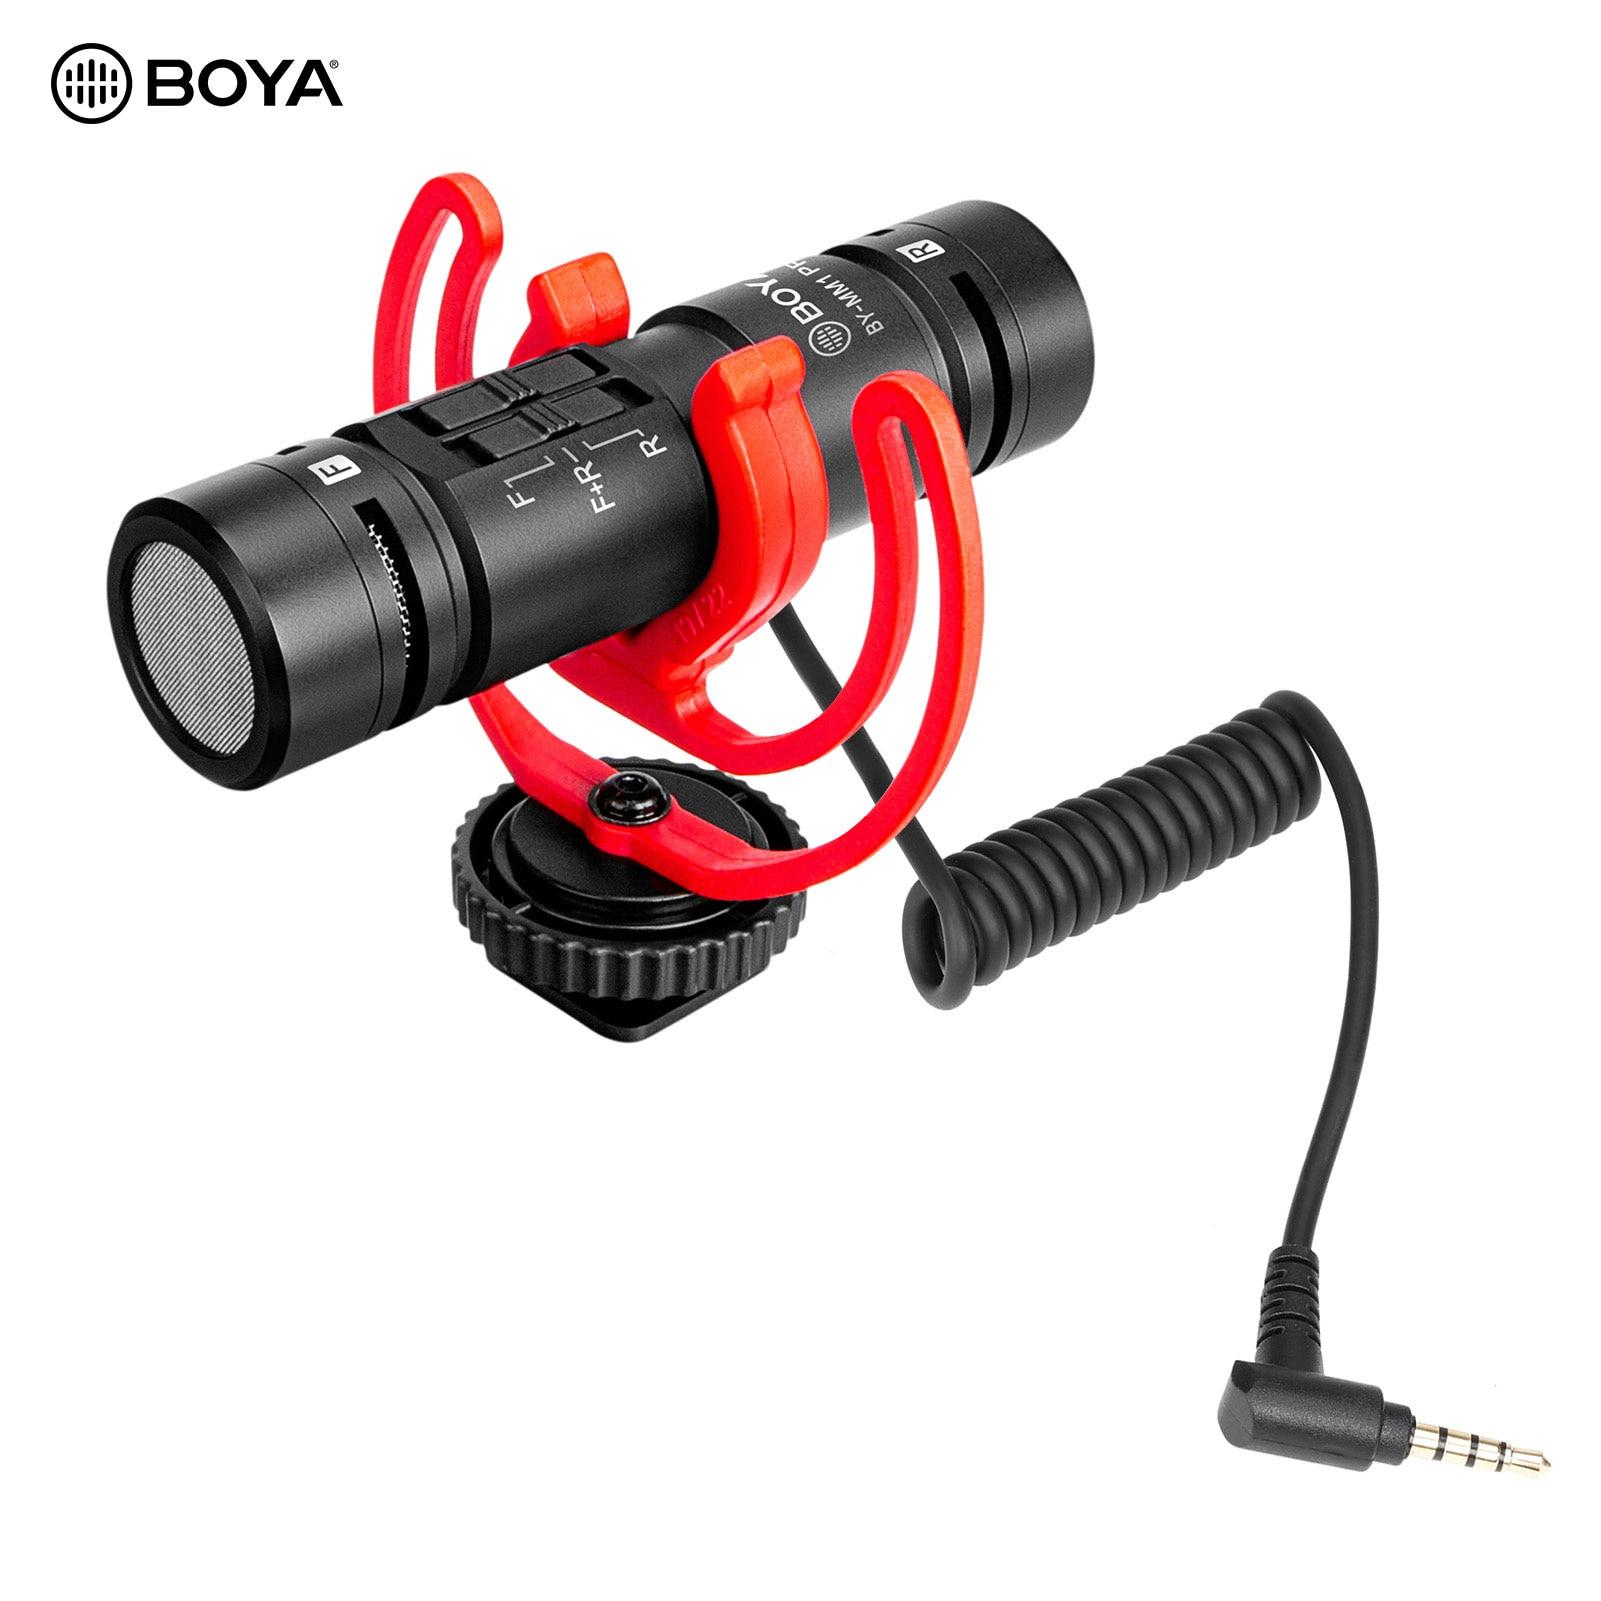 بويا BY-MM1 MIC برو المزدوج رئيس الفيديو ميكروفون مع 3.5 مللي متر TRRS التوصيل الباردة حذاء صدمة جبل للهواتف الذكية DSLR كاميرا ميكروفون